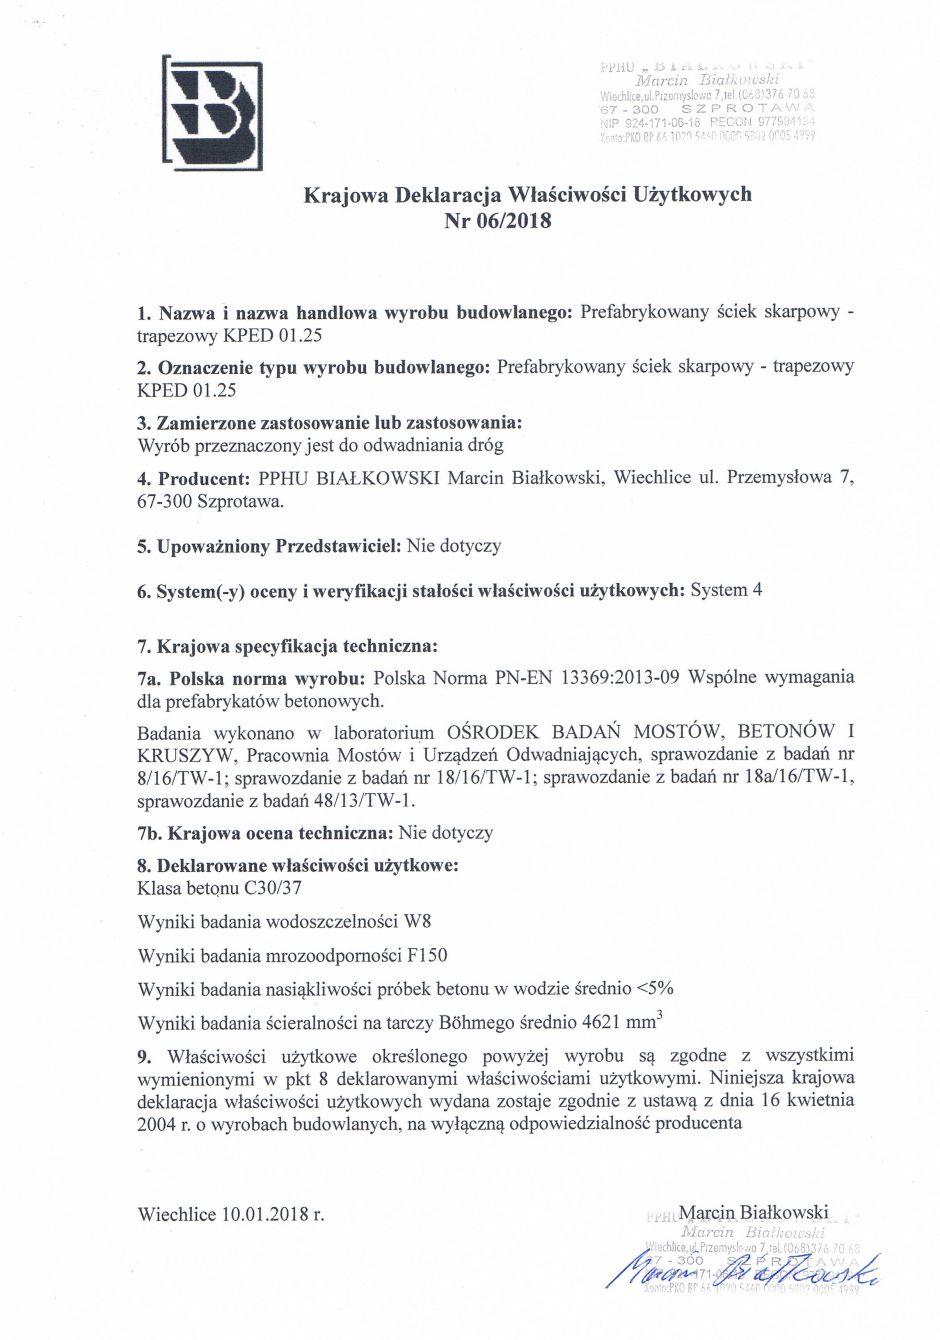 Krajowa Deklaracja Właściwości Użytkowych Nr 06/2018